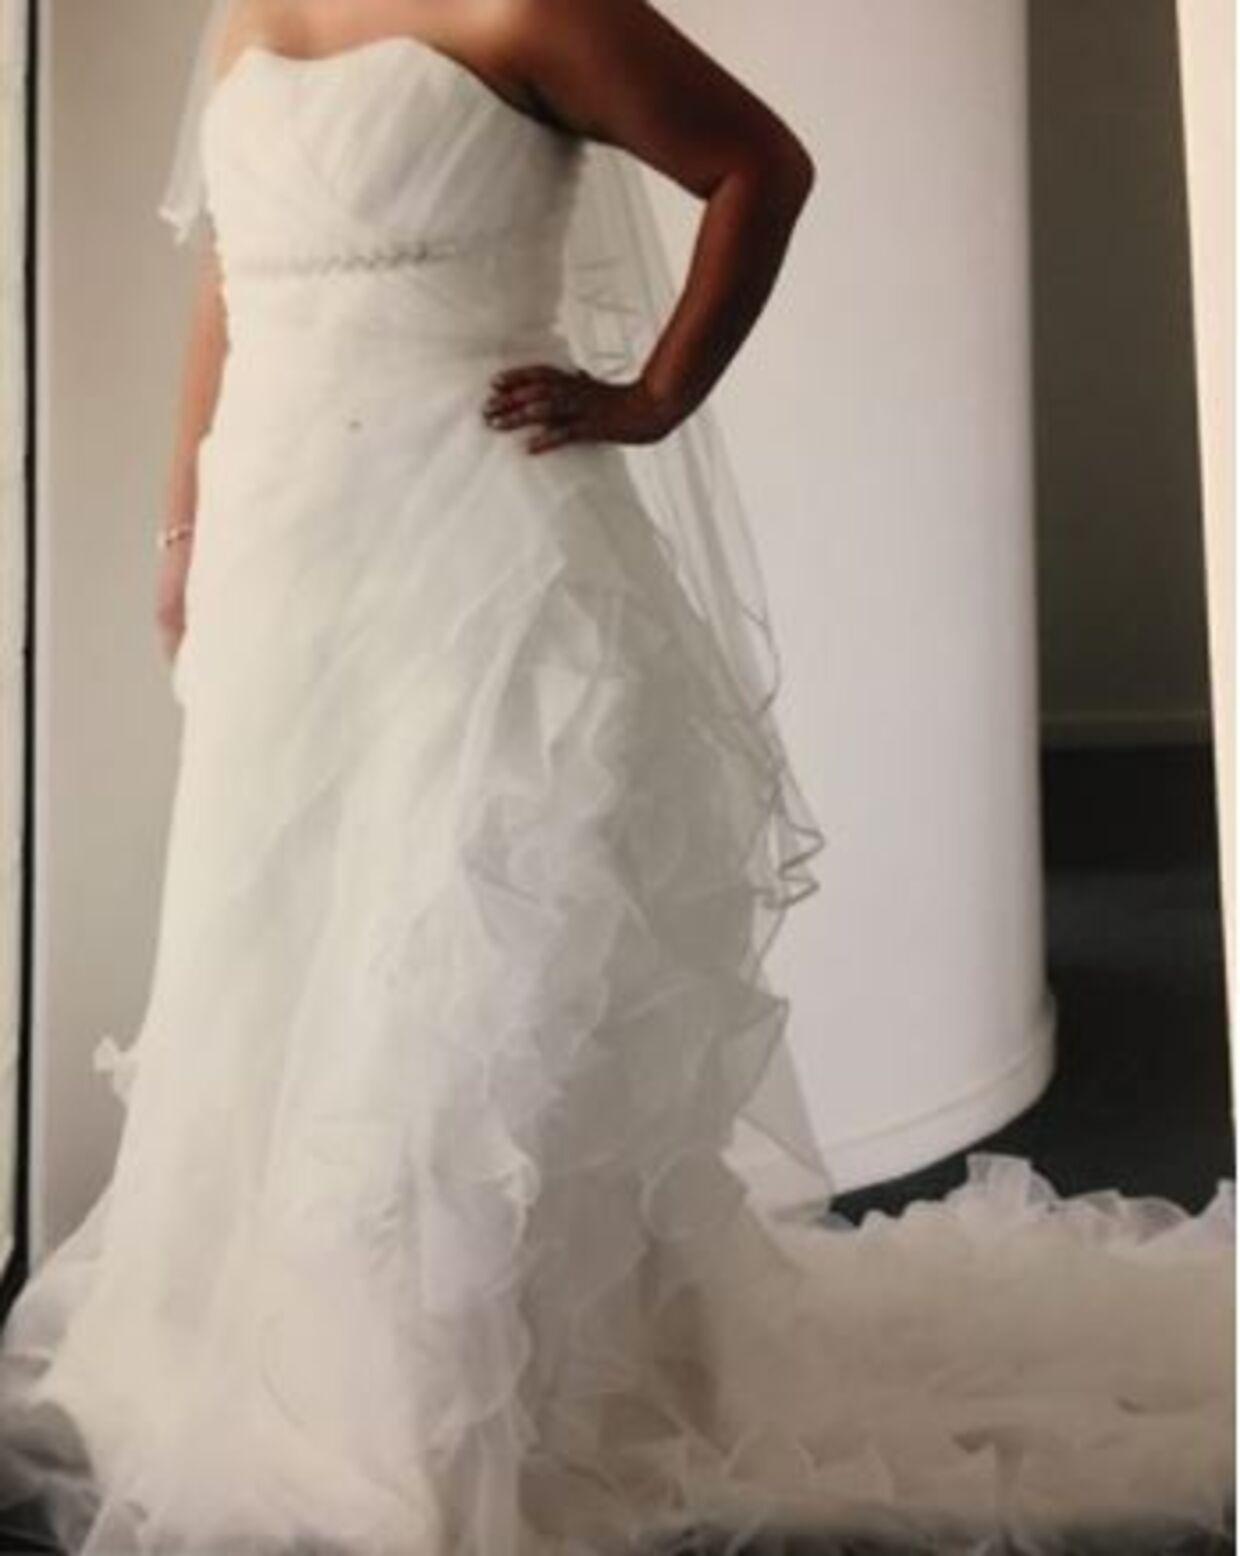 En australsk kvinde vil gerne af med sin brudekjole, som hun efter eget udsagn 'bar en gang ved en fejltagelse'.